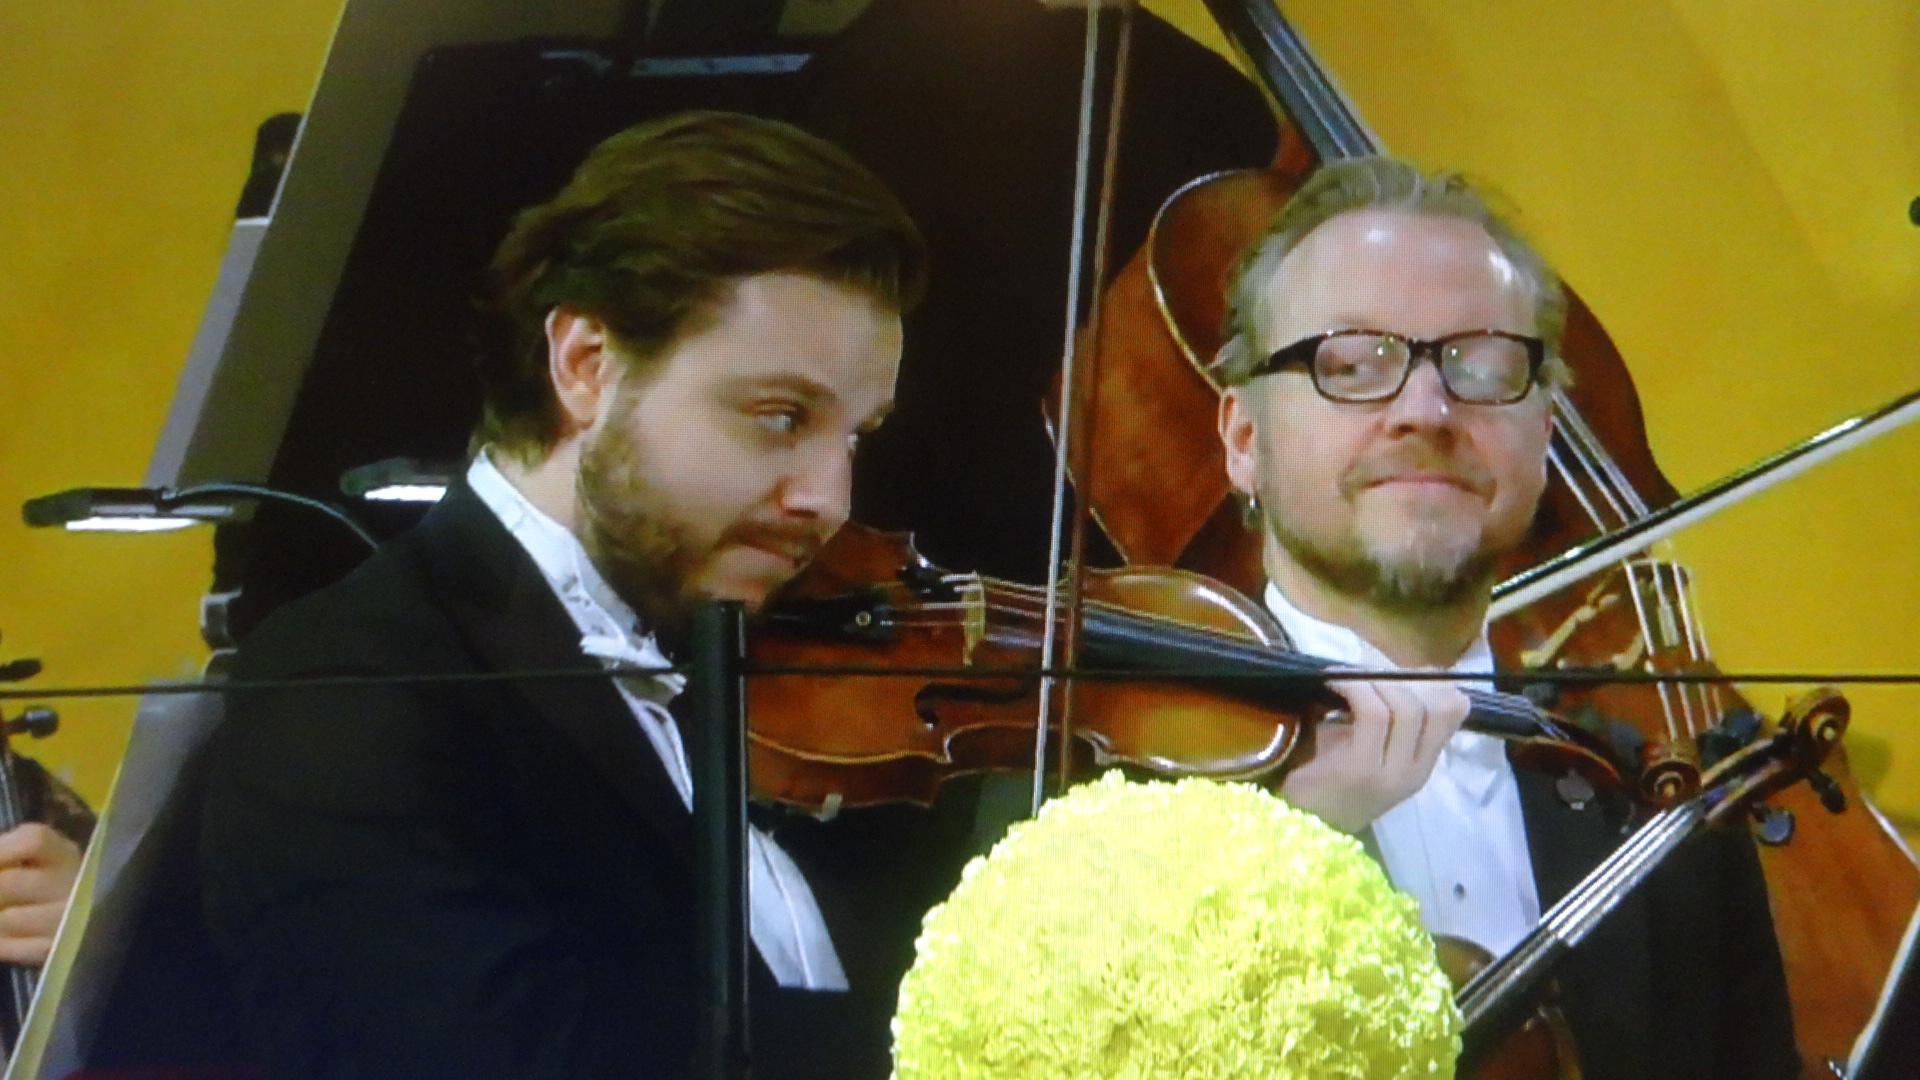 もの哀し気にワンフレーズ演奏するバイオリニスト